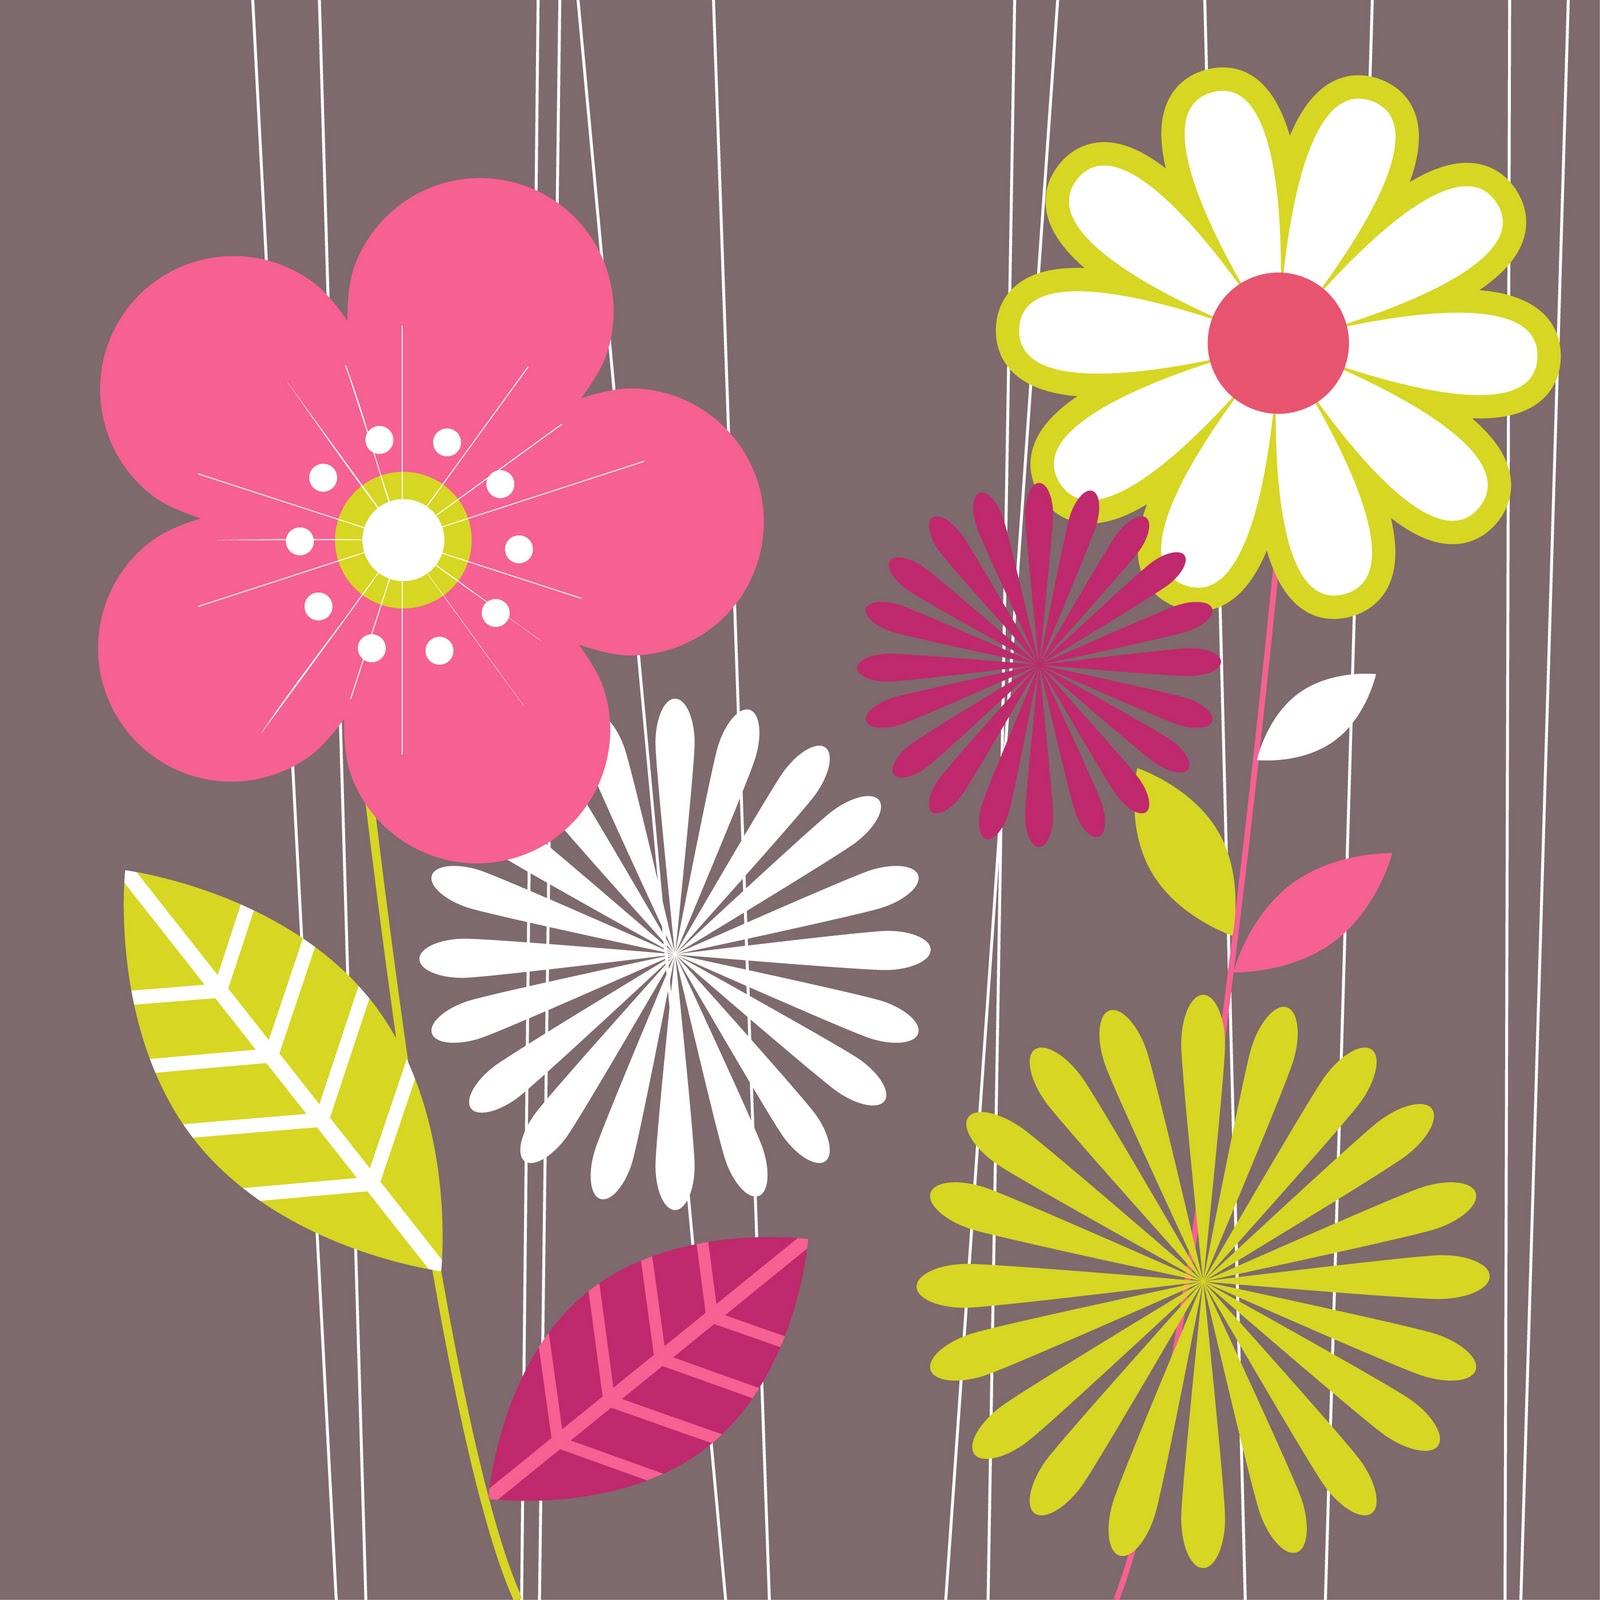 http://3.bp.blogspot.com/_IAwBD_Dbgfg/TUszGFRkZcI/AAAAAAAAB3I/LvUikJDbDWQ/s1600/Funky-Floral.jpg